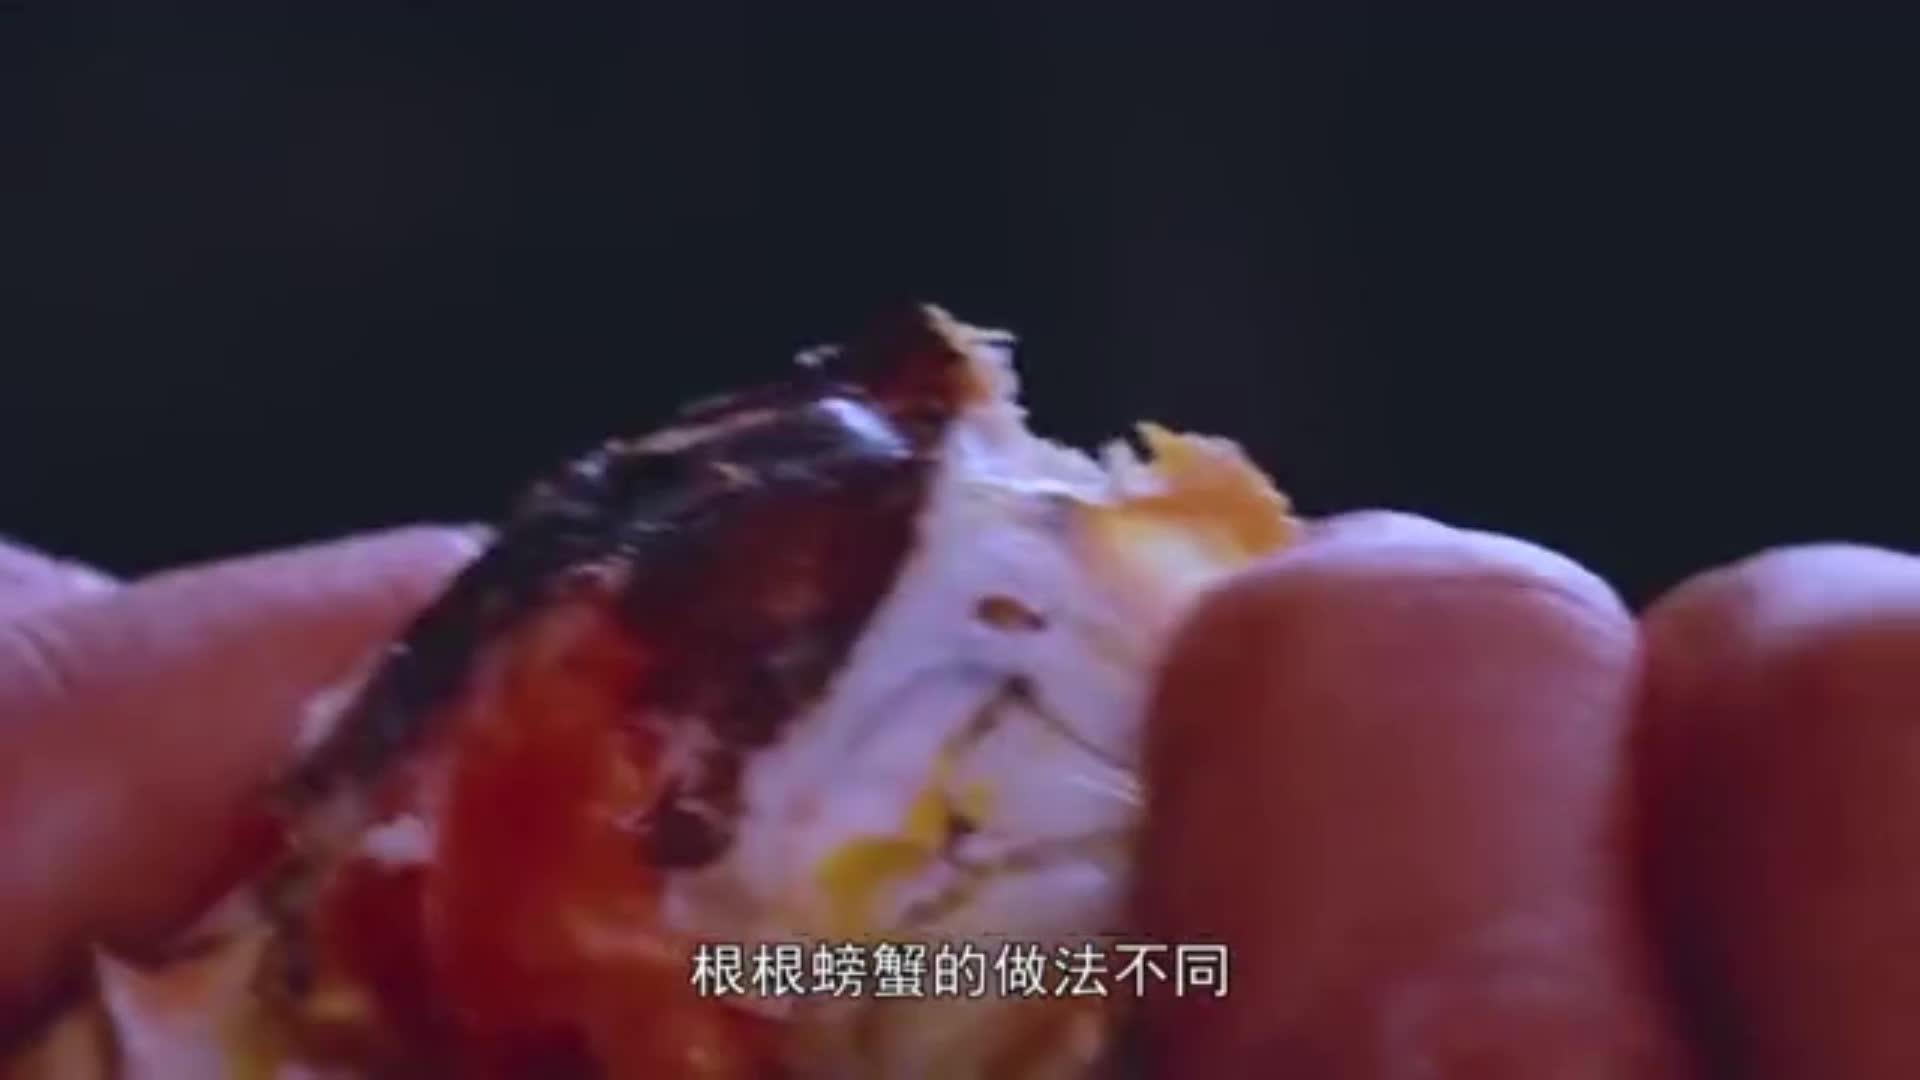 女神李子柒玲珑醉蟹螃蟹灌醉了再吃才美味